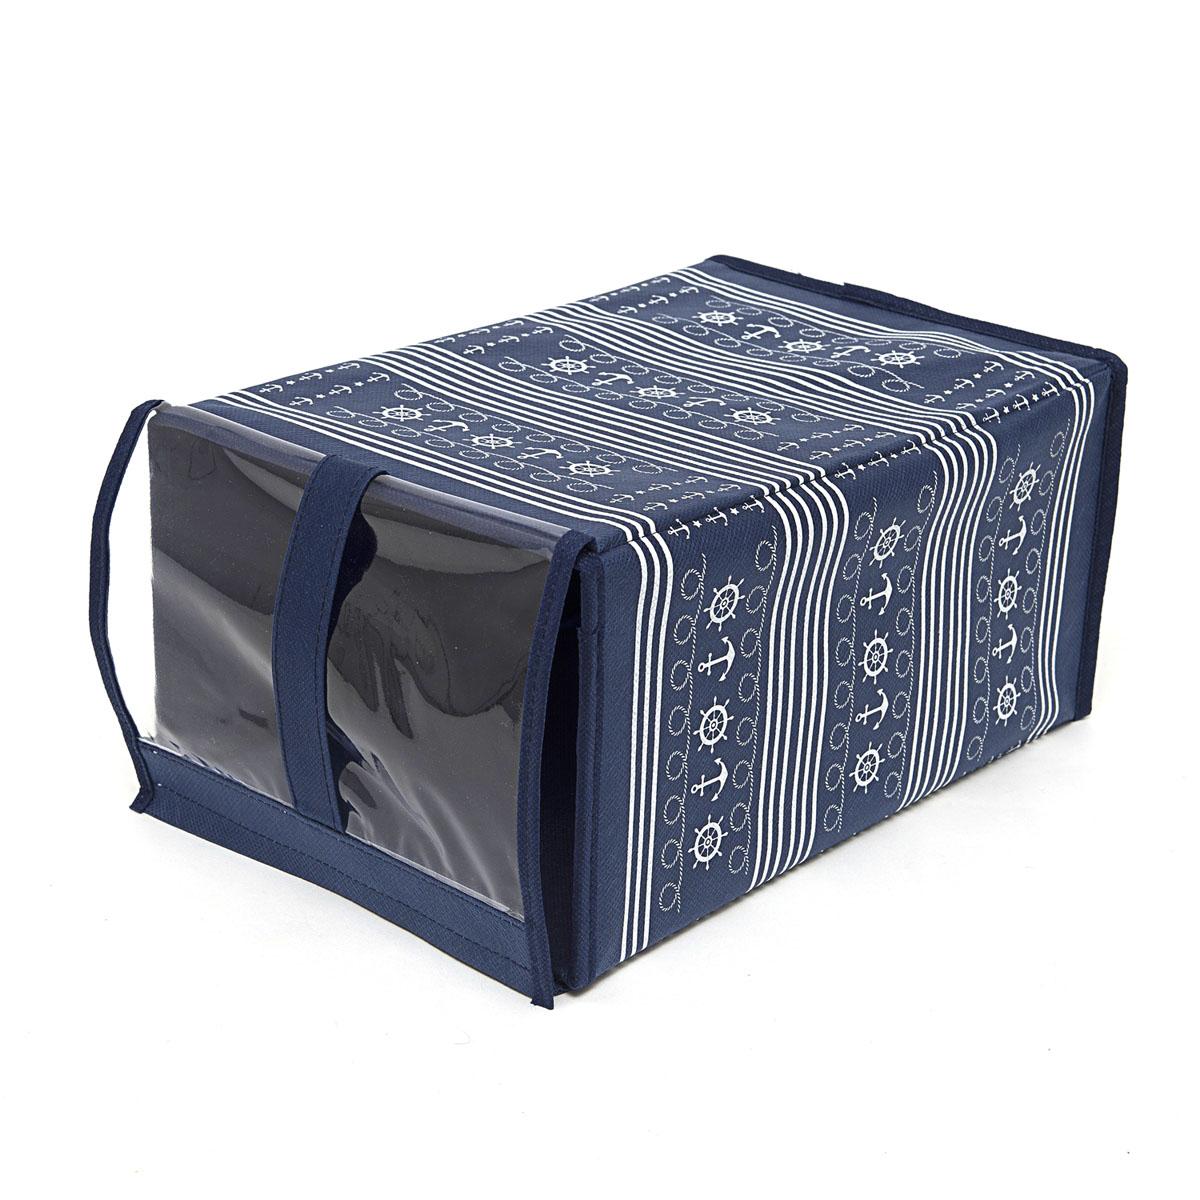 Кофр для хранения обуви Homsu Ocean, 33 х 16 х 22 смHOM-225Кофр Homsu Ocean изготовлен из высококачественного нетканого материала с фирменным орнаментом, который позволяет сохранять естественную вентиляцию, а воздуху свободно проникать внутрь, не пропуская пыль. Благодаря специальной картонной вставке, кофр прекрасно держит форму, а эстетичный дизайн гармонично смотрится в любом интерьере. Изделие идеально подходит для хранения обуви. Мобильность конструкции обеспечивает складывание и раскладывание одним движением. Кофр Homsu Ocean - это новый взгляд на систему хранения - теперь хранить вещи не только удобно, но и красиво. Прозрачная вставка из ПВХ позволяет видеть содержимое. Размер кофра: 33 х 16 х 22 см.